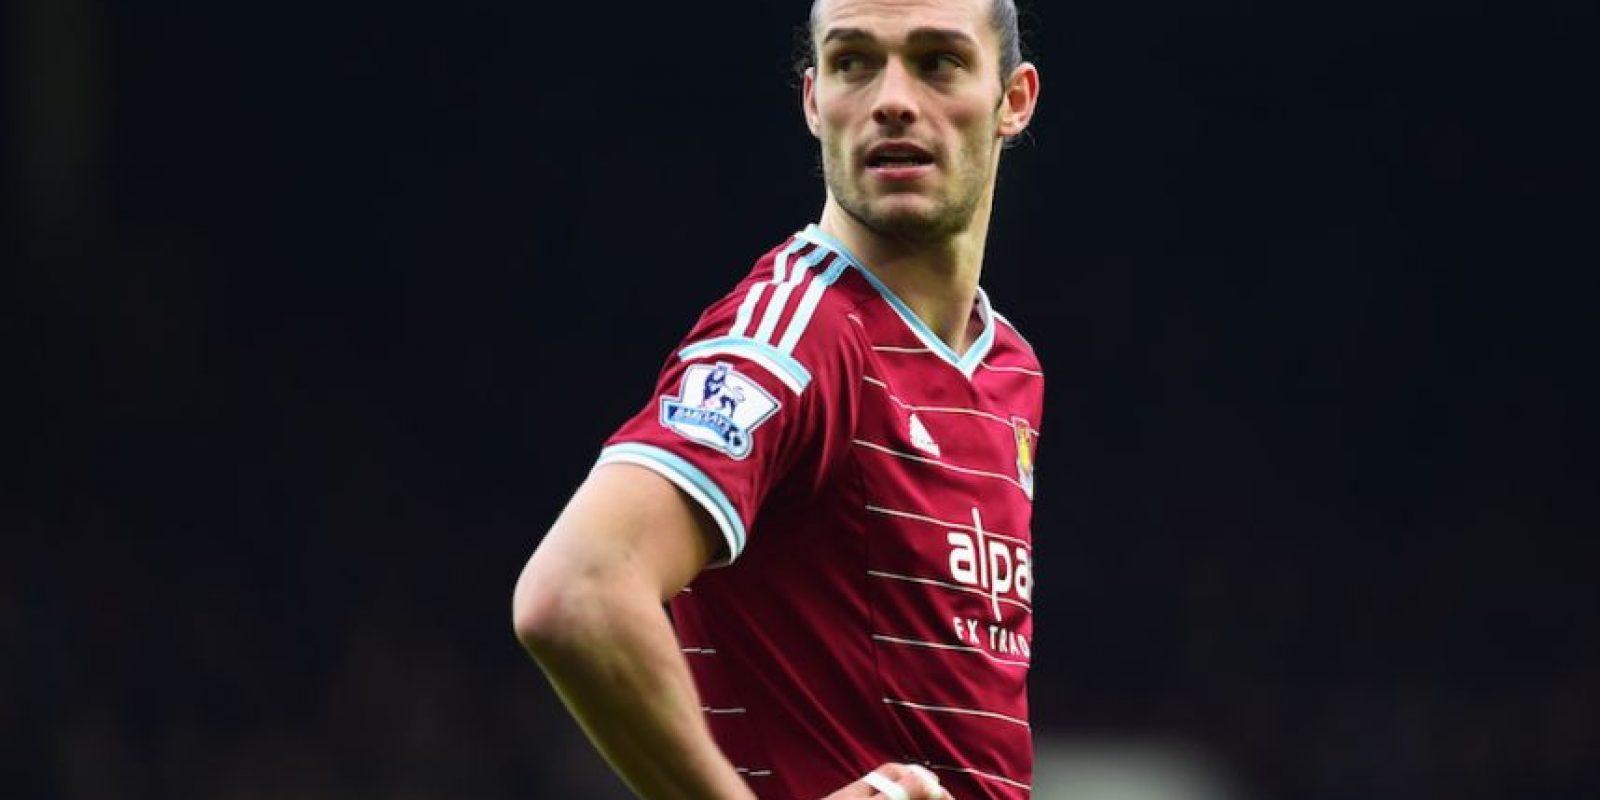 Andy Carroll juega en el West Ham de la Premier League inglesa. Foto:Getty Images